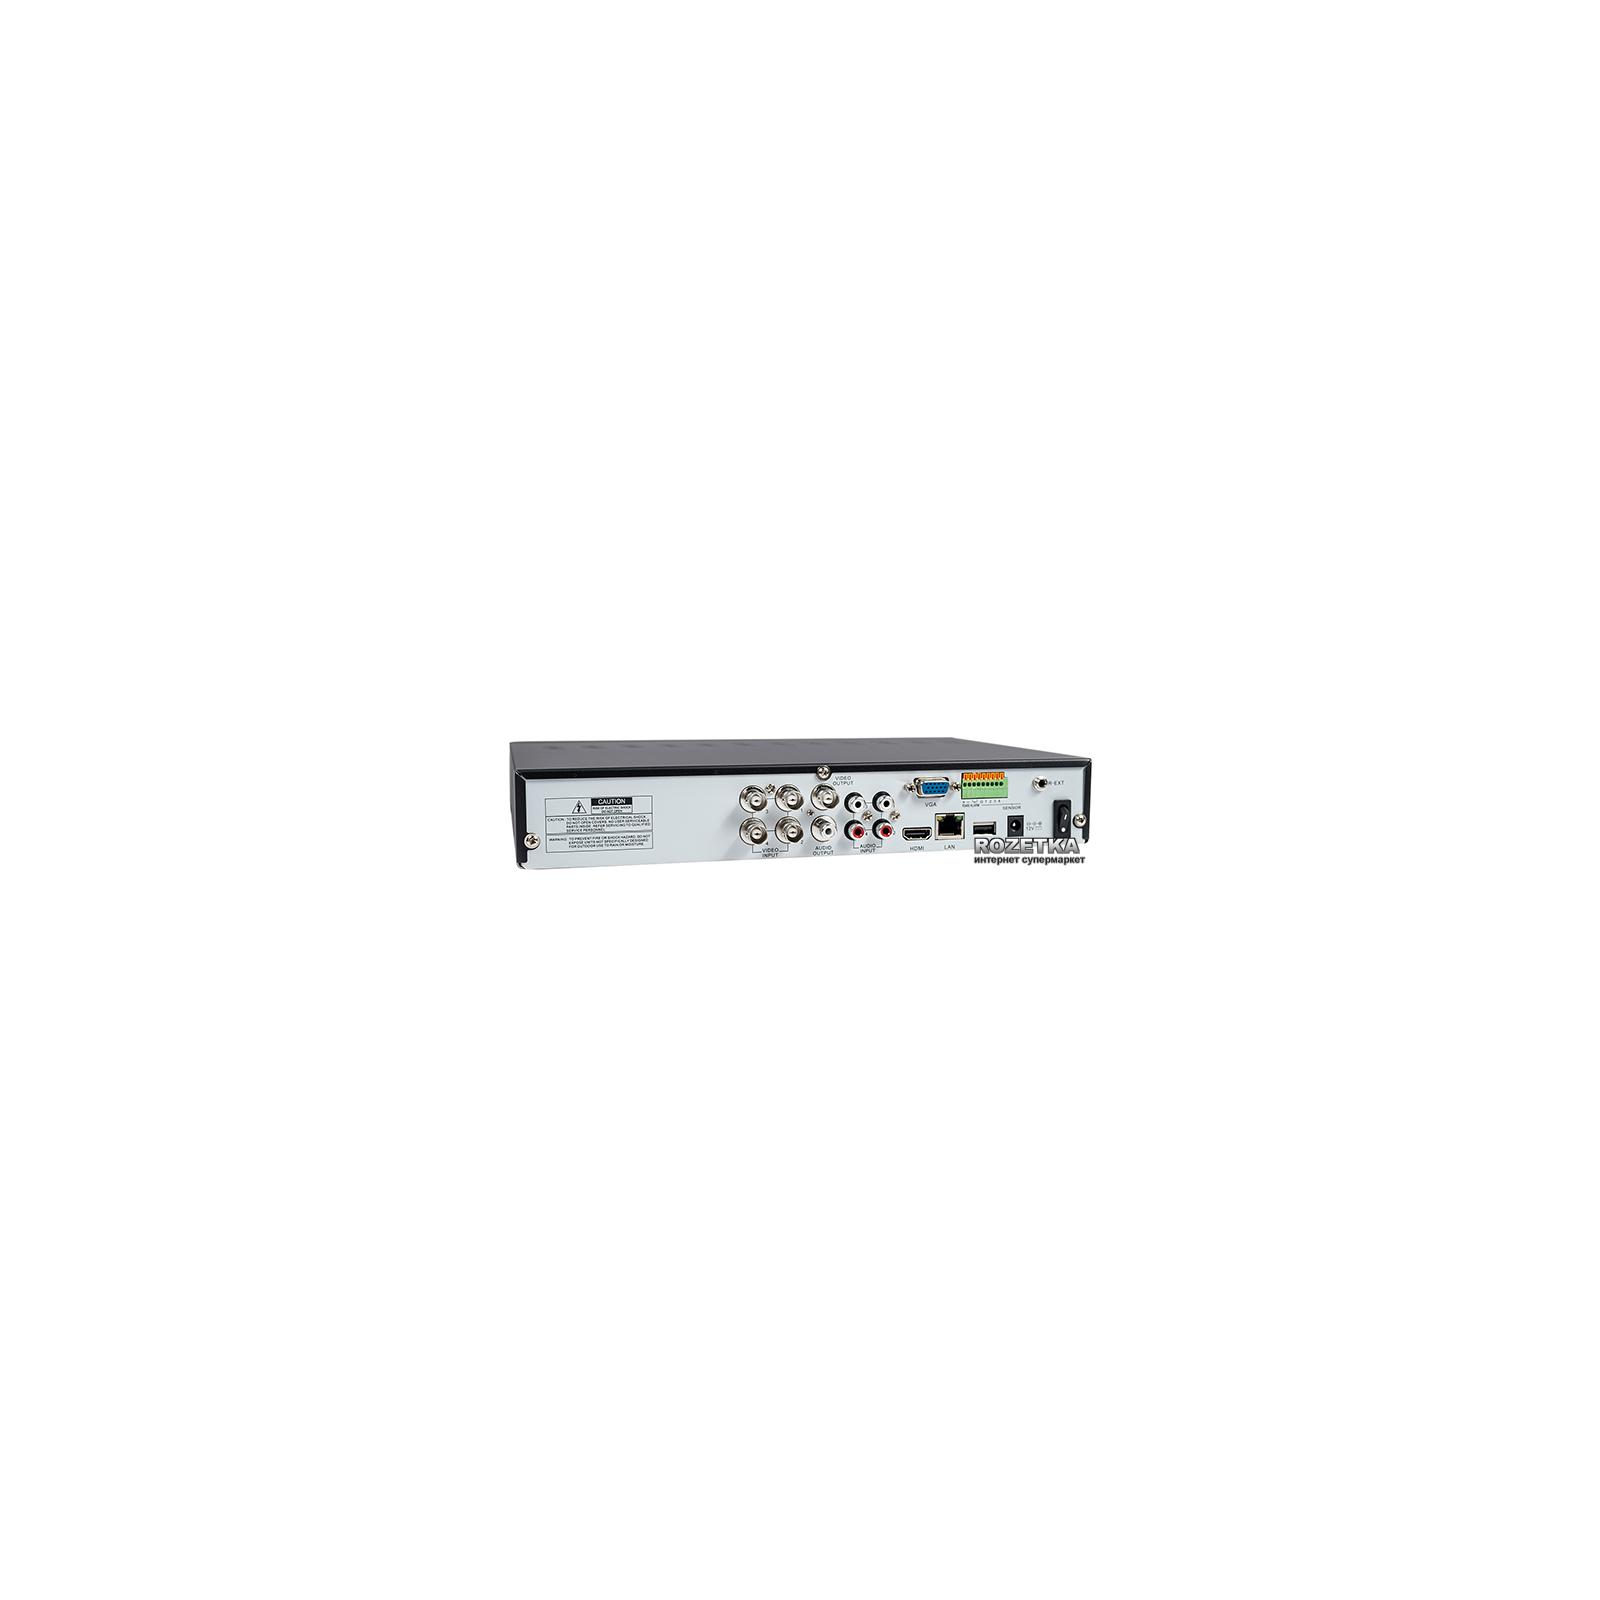 Регистратор для видеонаблюдения RCI RV960H-4S изображение 2